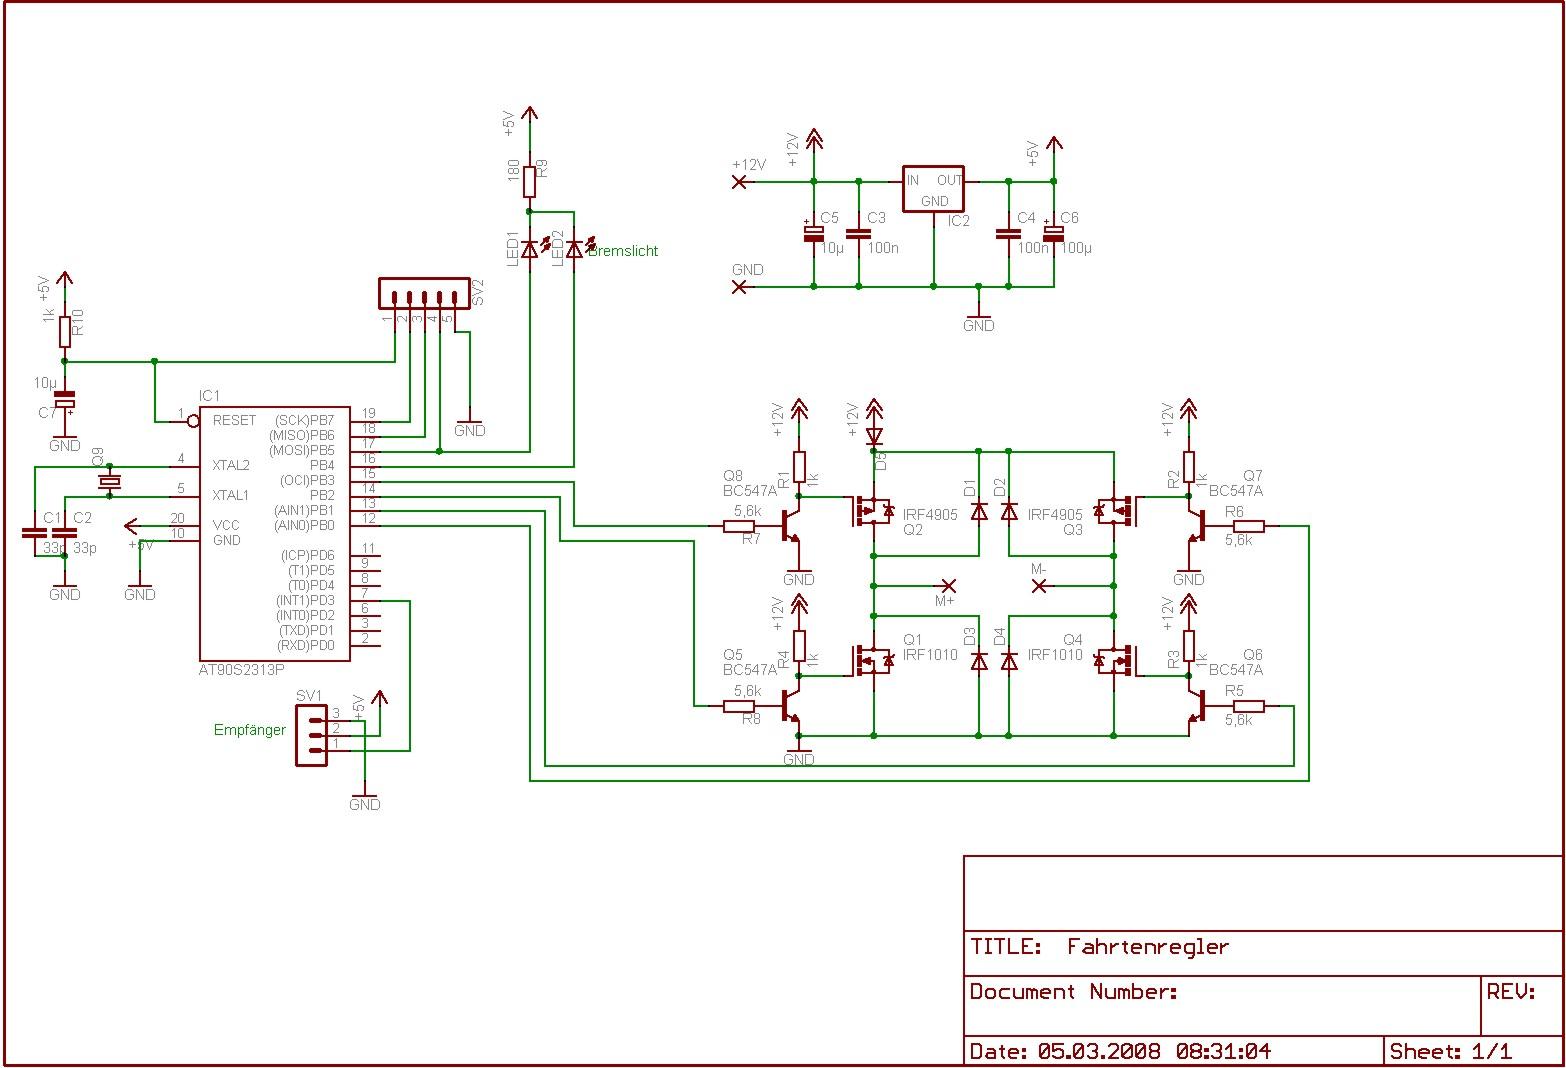 Ziemlich Jacobs Bremse Schaltplan Bilder - Schaltplan Serie Circuit ...